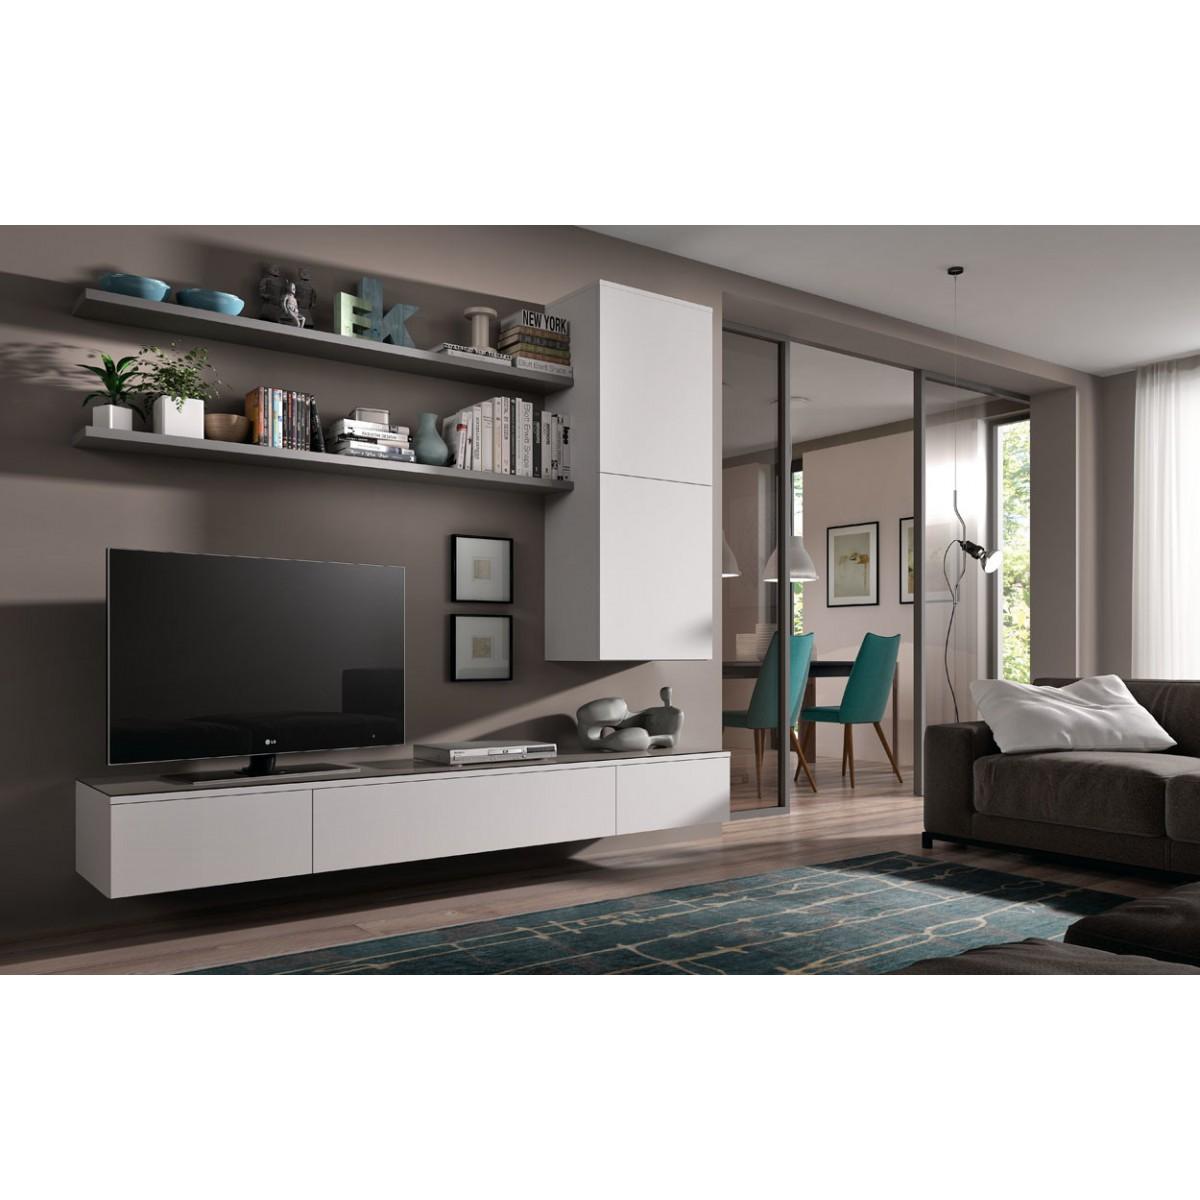 Hangend Tv Lowboard Float 221 Cm I Live Design Preisgunstig Online Moebel Kaufen